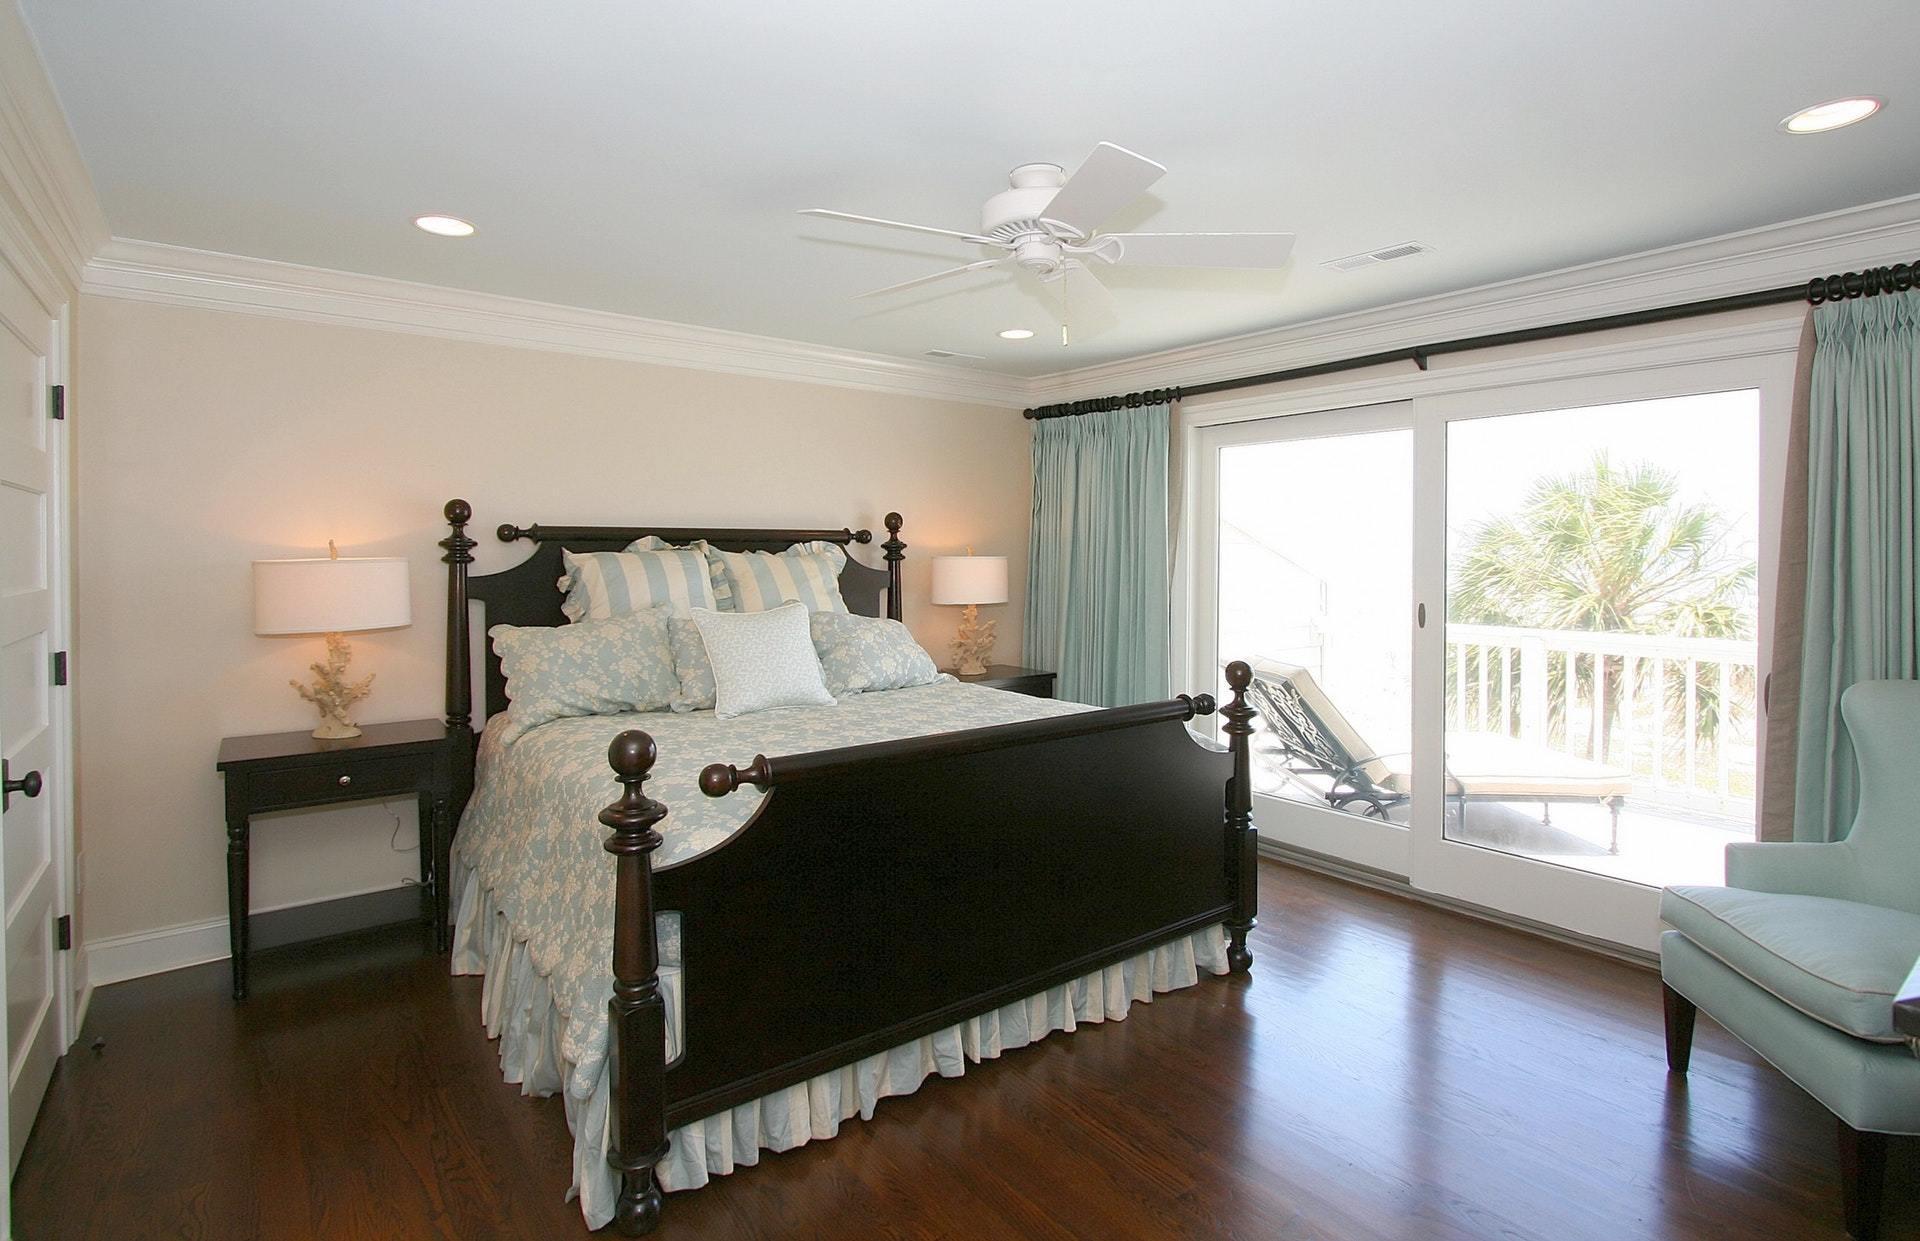 Beach Club Villas Homes For Sale - 34 Beach Club Villas, Isle of Palms, SC - 16